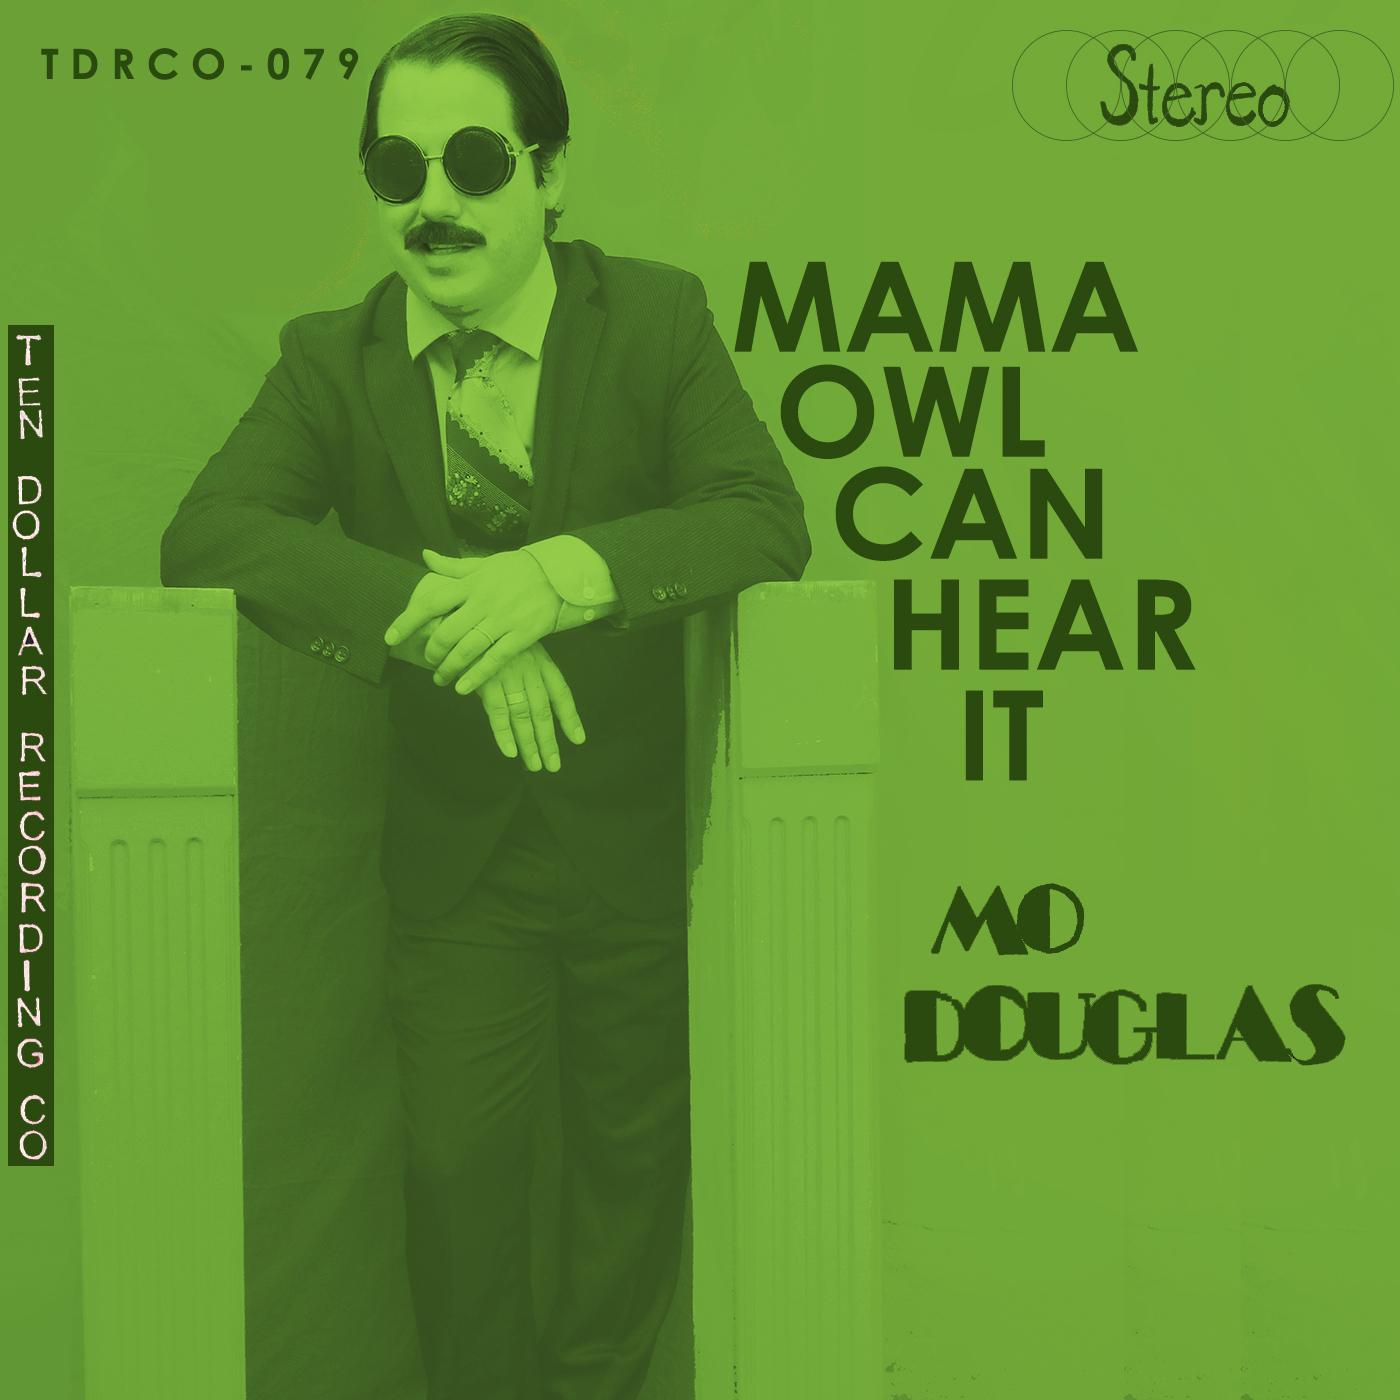 Mo Douglas - Mama Owl Can Hear it